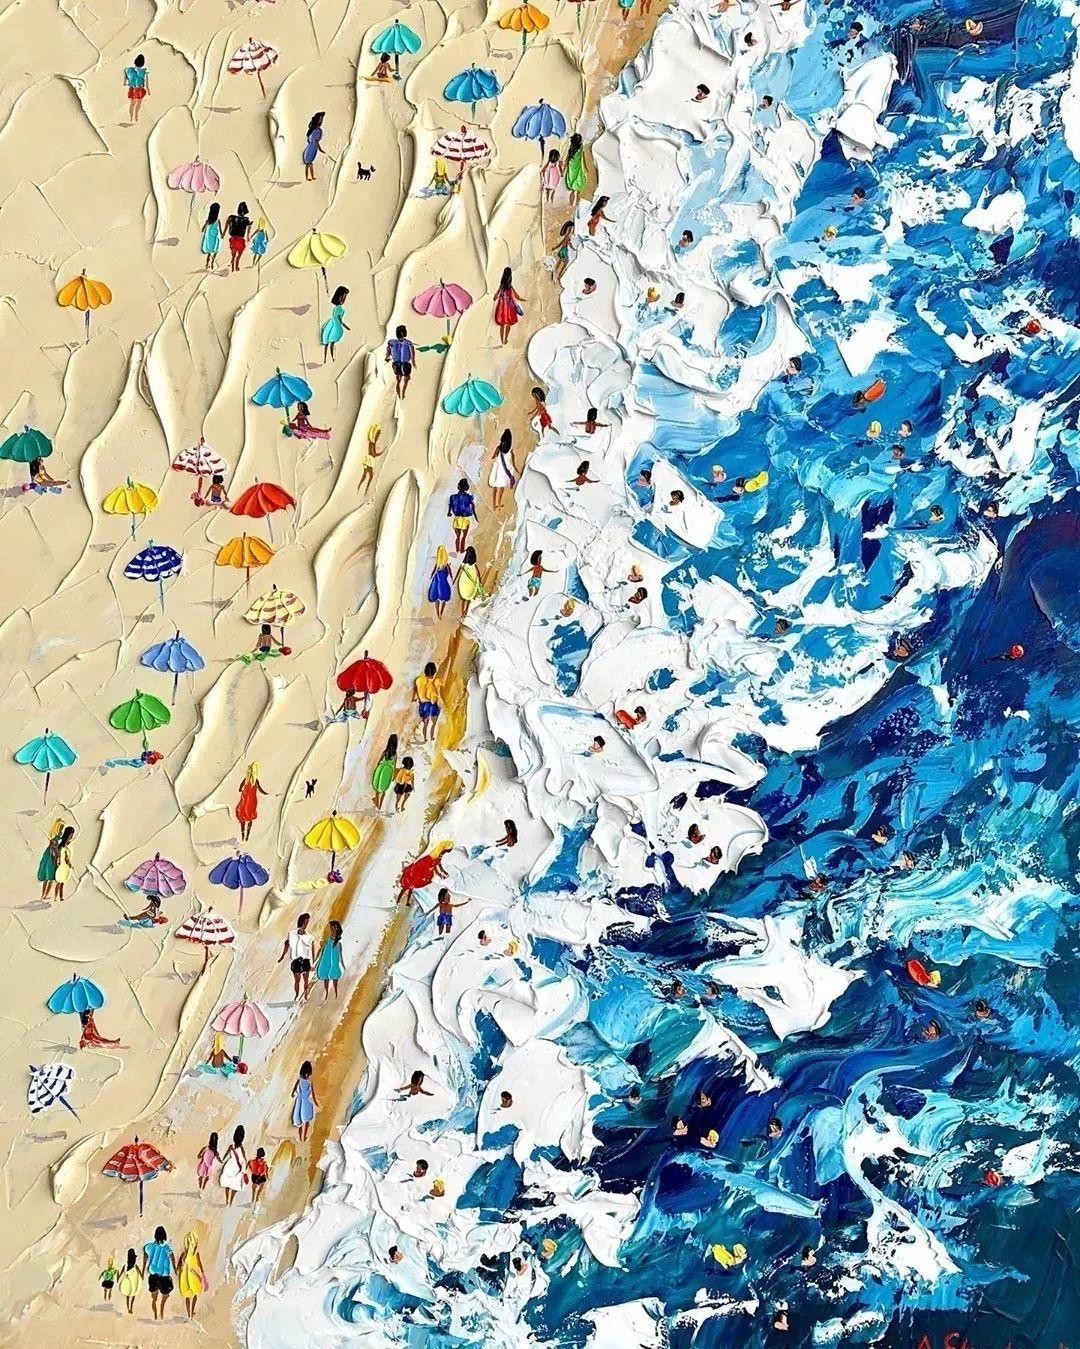 笔触大胆,用色干净利落,爱沙尼亚女画家Alena Shymchonak插图42